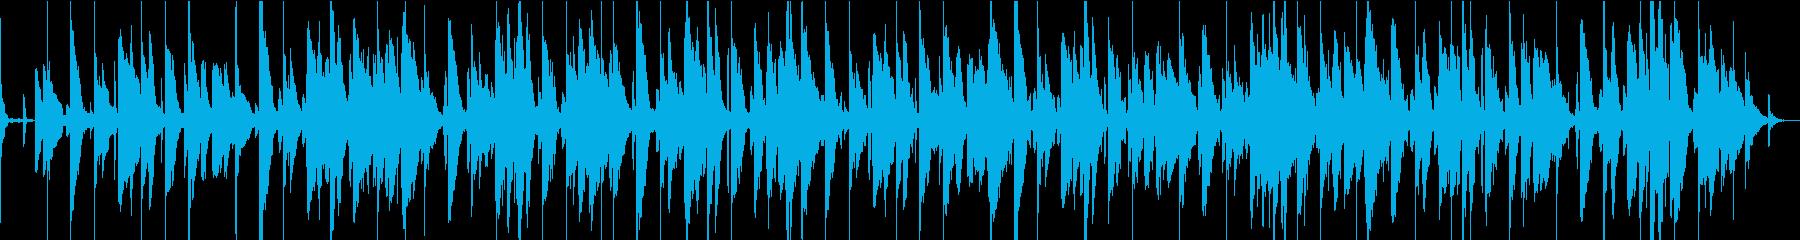 ピアノとフレットレスベースが特徴の...の再生済みの波形